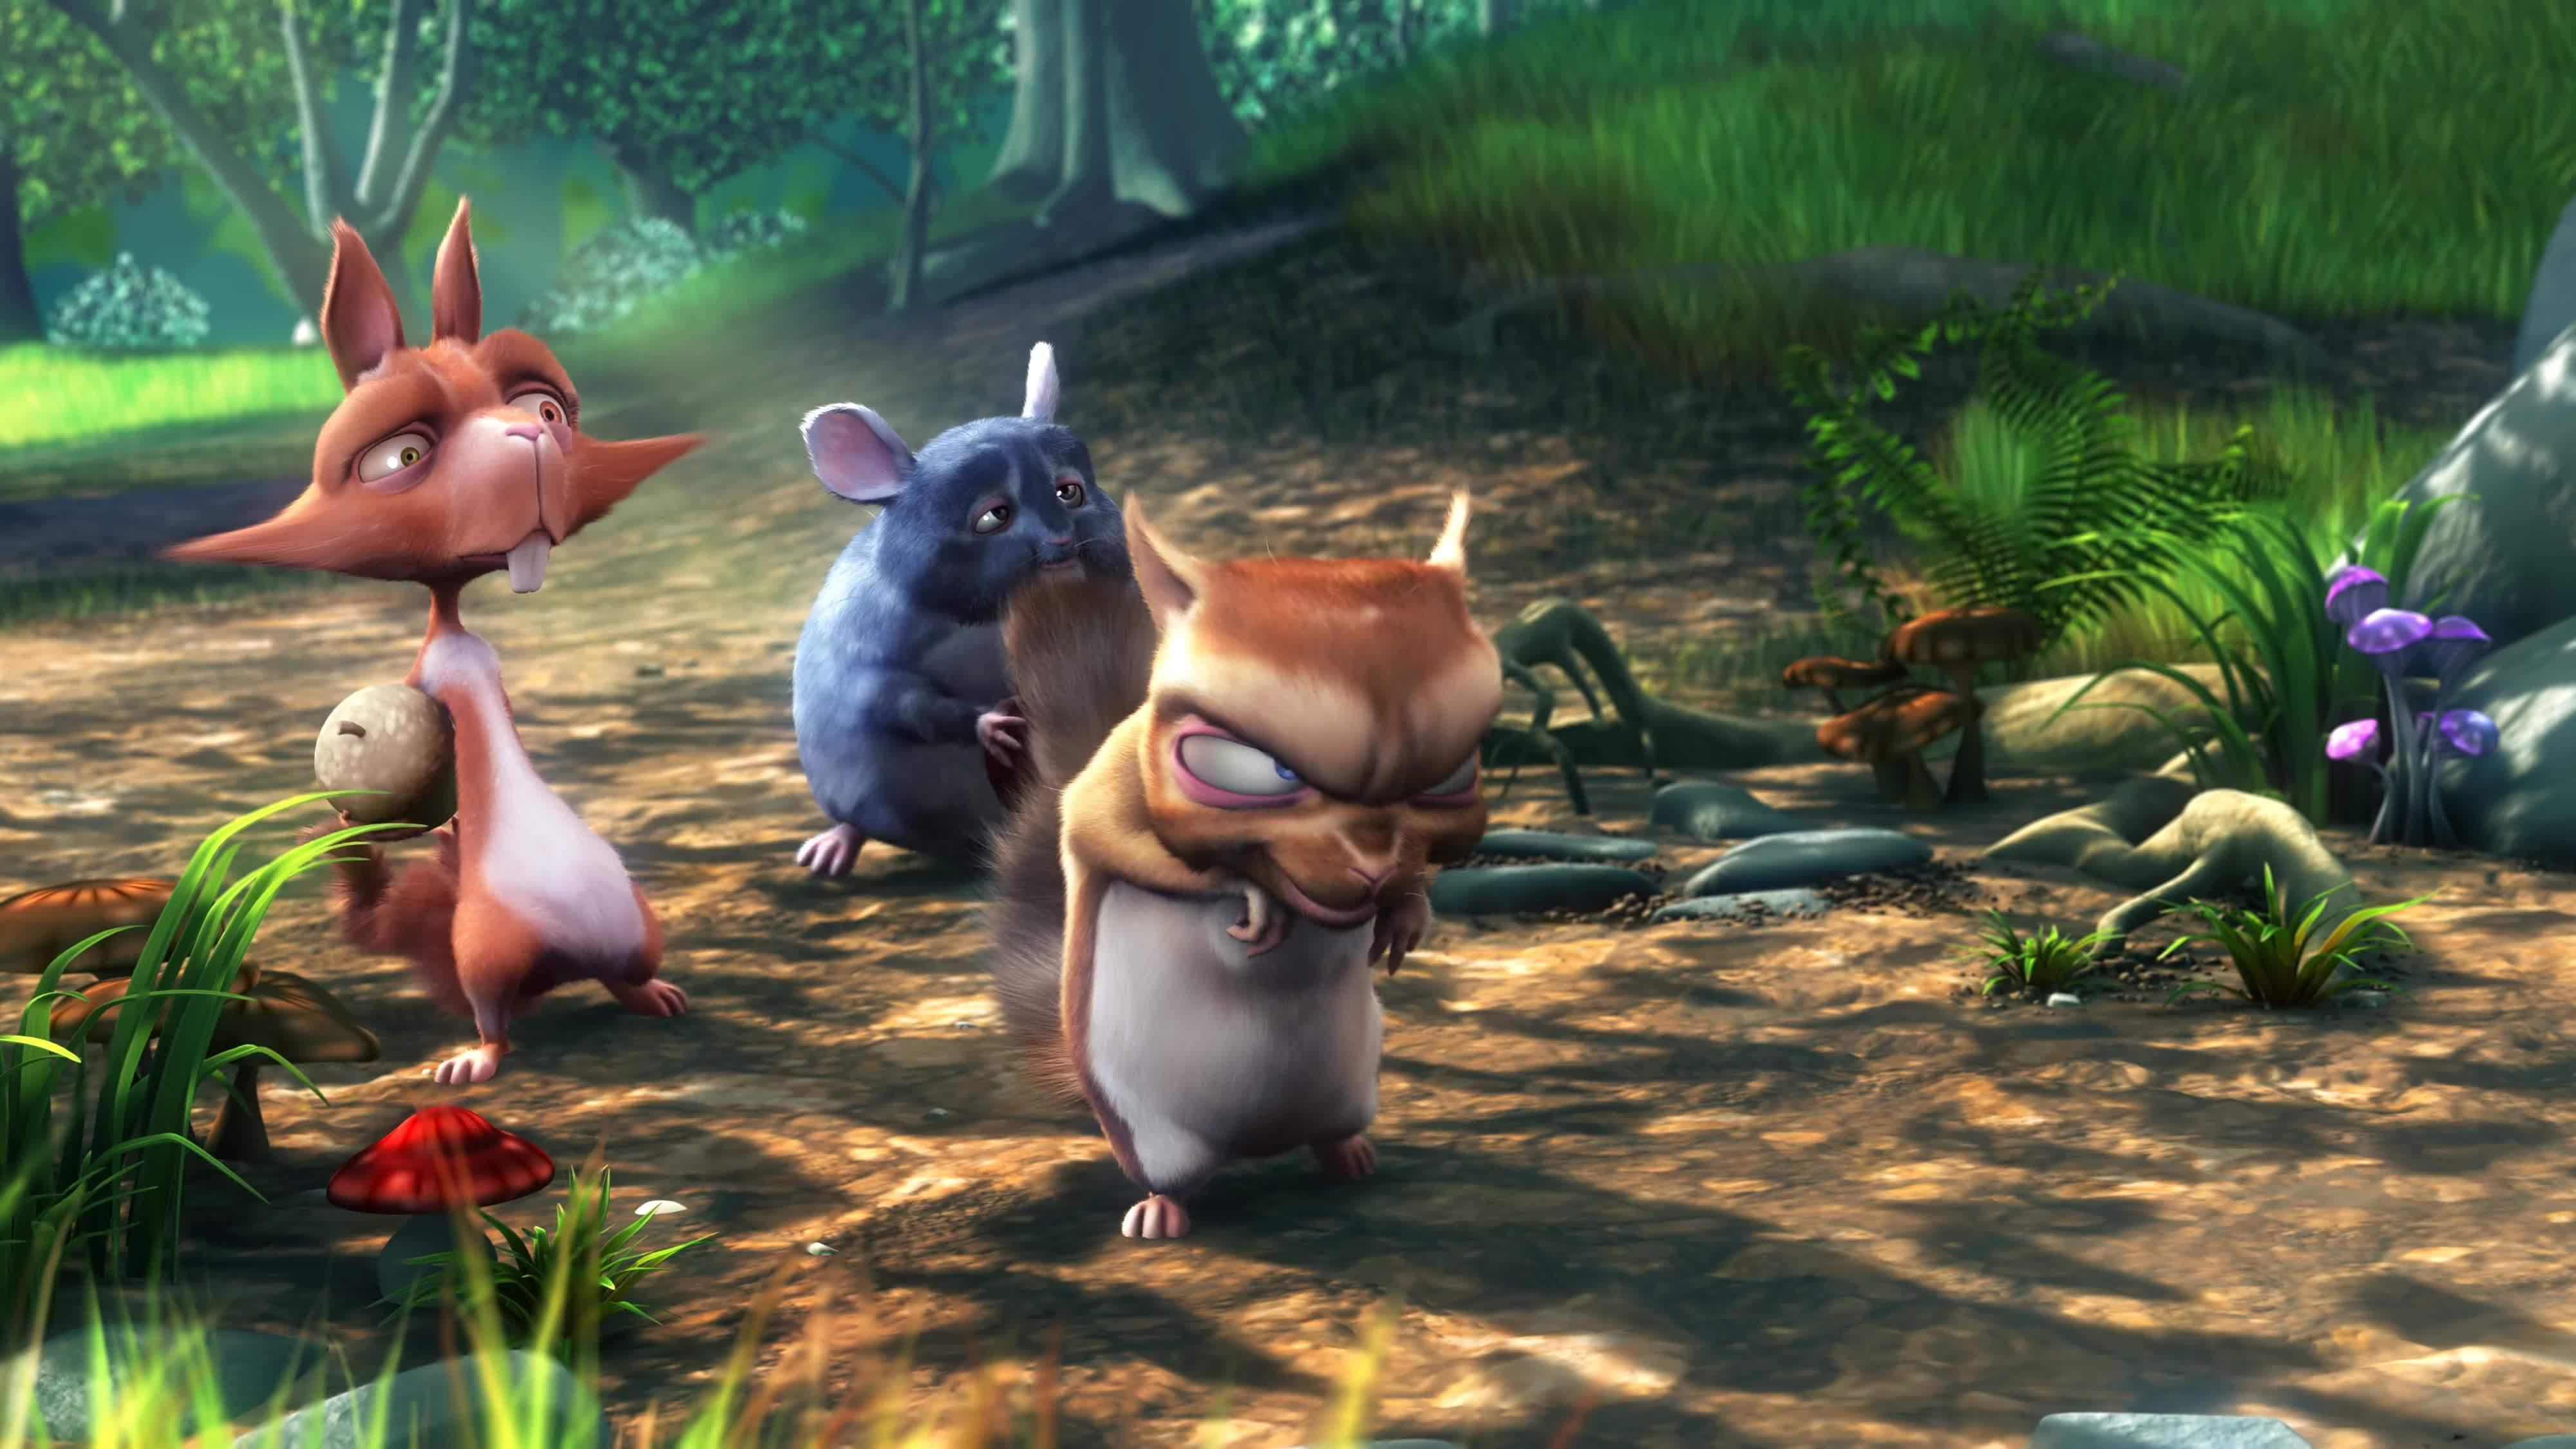 Big Buck Bunny og hans (u)venner var klare kandidater for å illustrere forskjellen mellom 4K og 1080p.